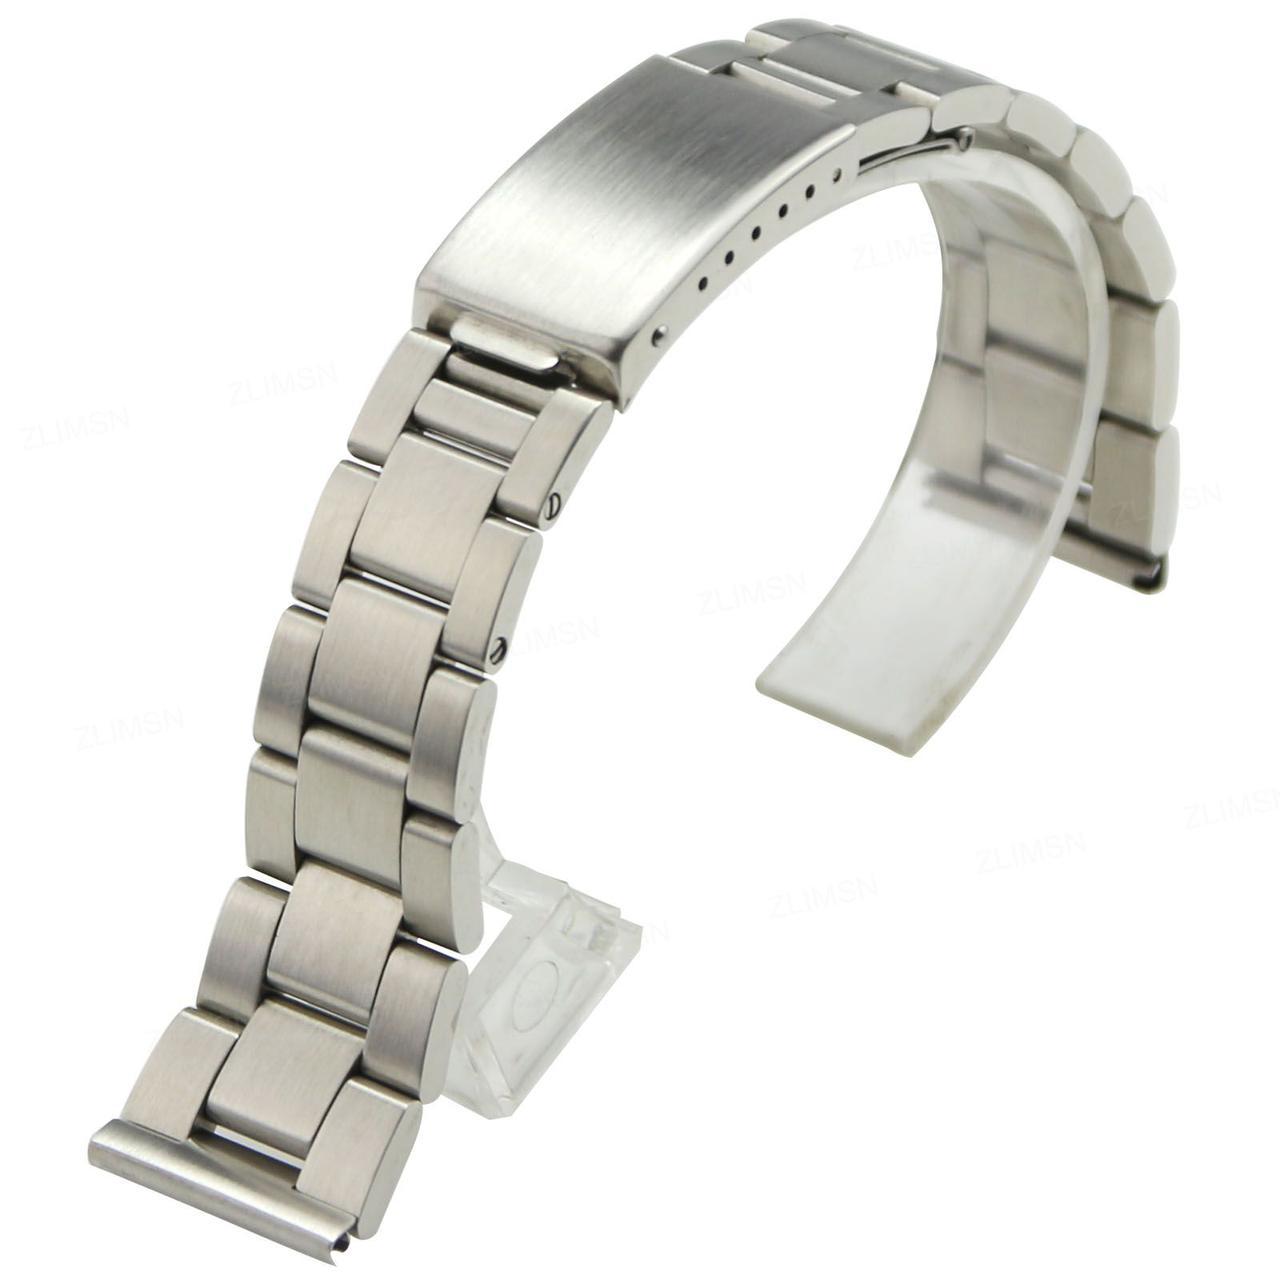 Браслет для часов из нержавеющая стали, литой, матовый . 20-й размер.